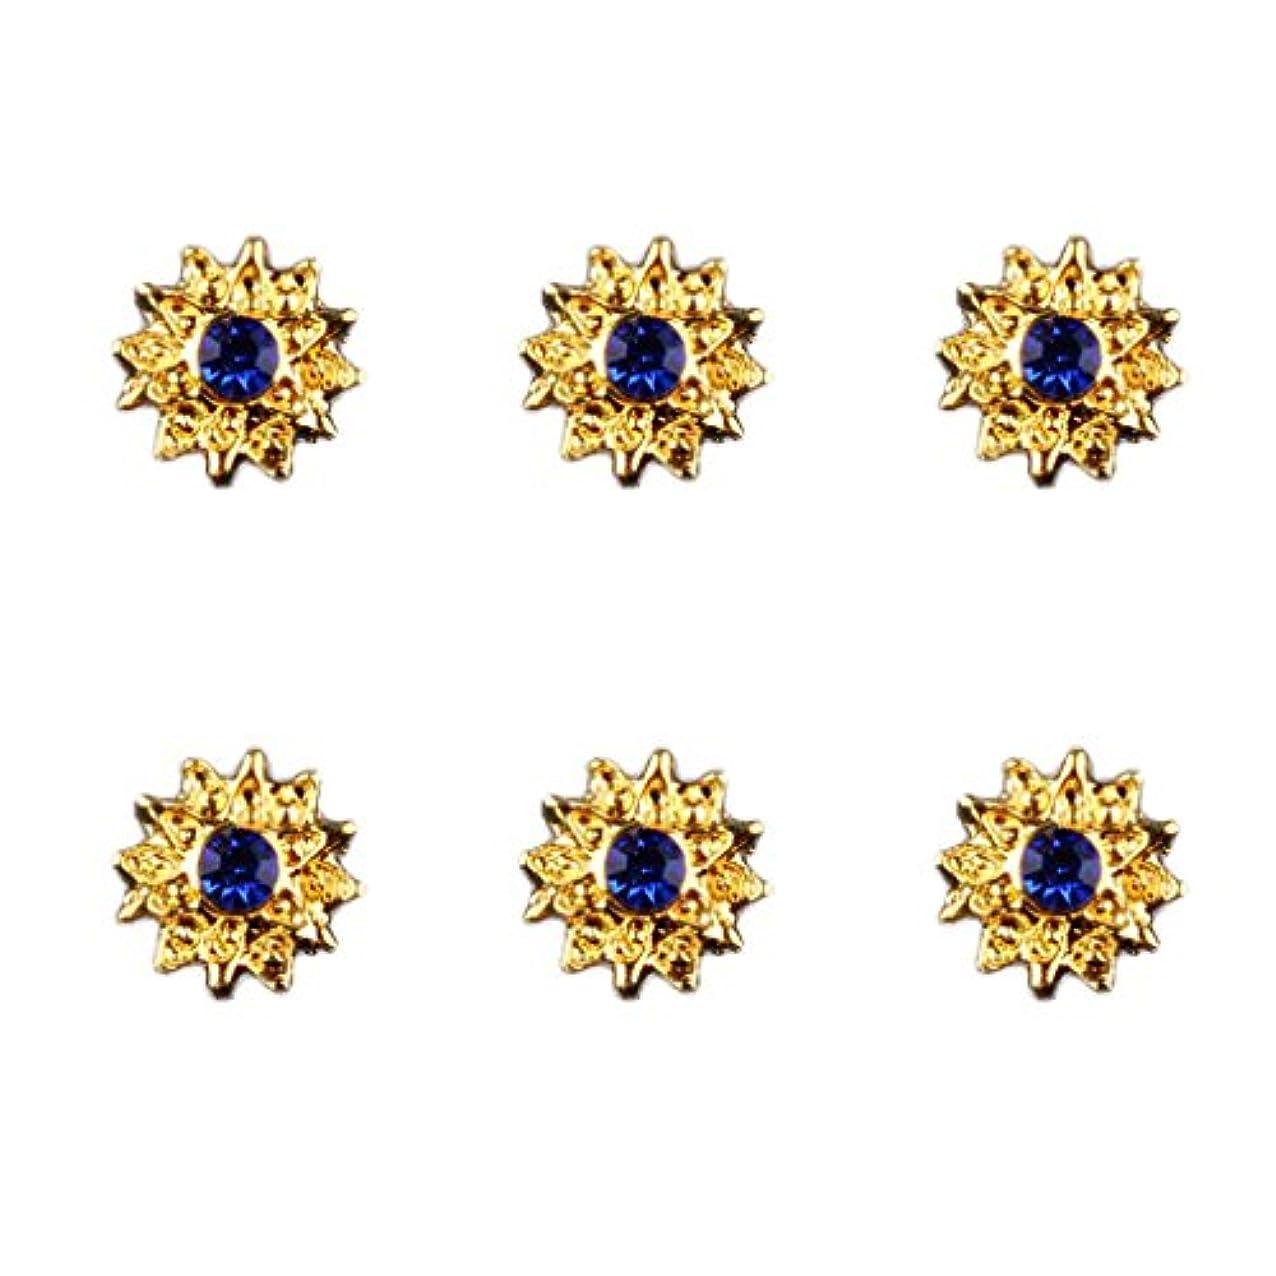 ボス何で出来ている約50個入り マニキュア ダイヤモンド 3Dネイルアート ヒントステッカー 装飾 全8種類 - 6